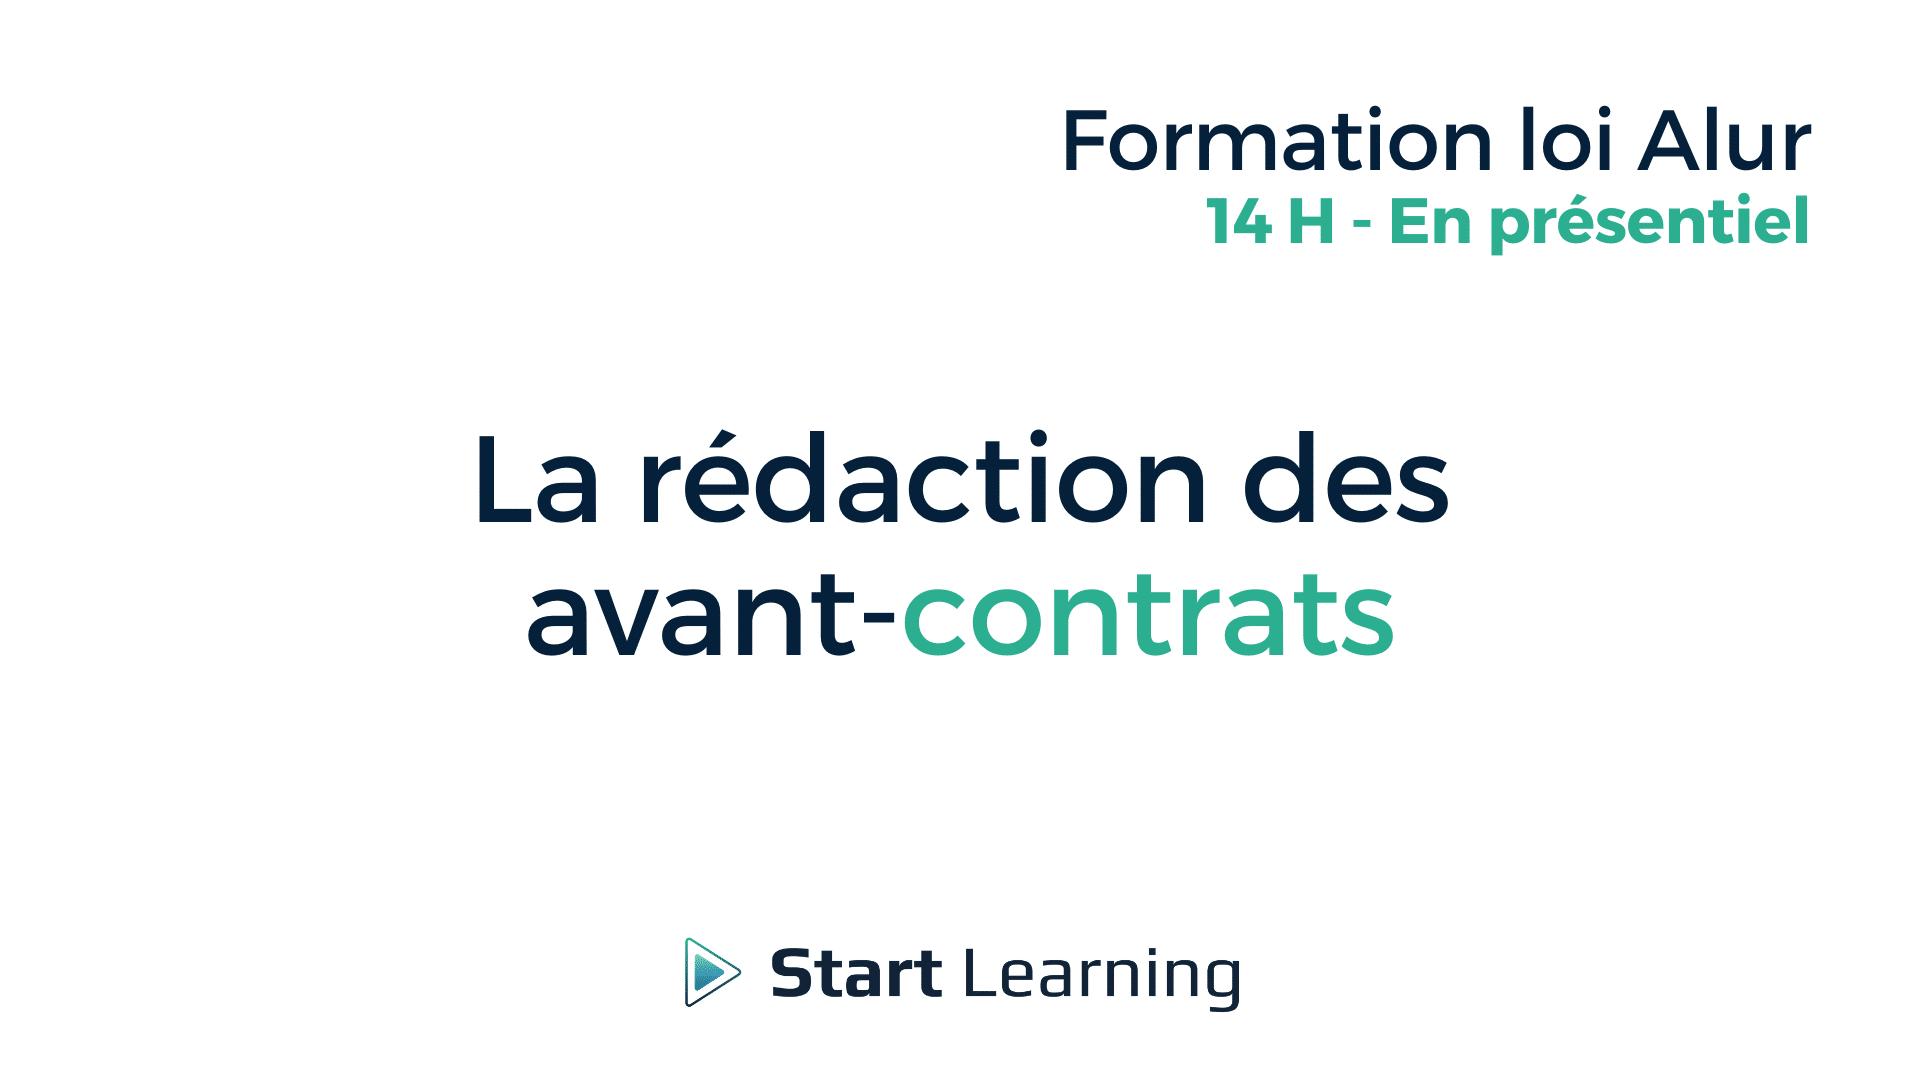 Formation loi Alur - La rédaction des avant-contrats